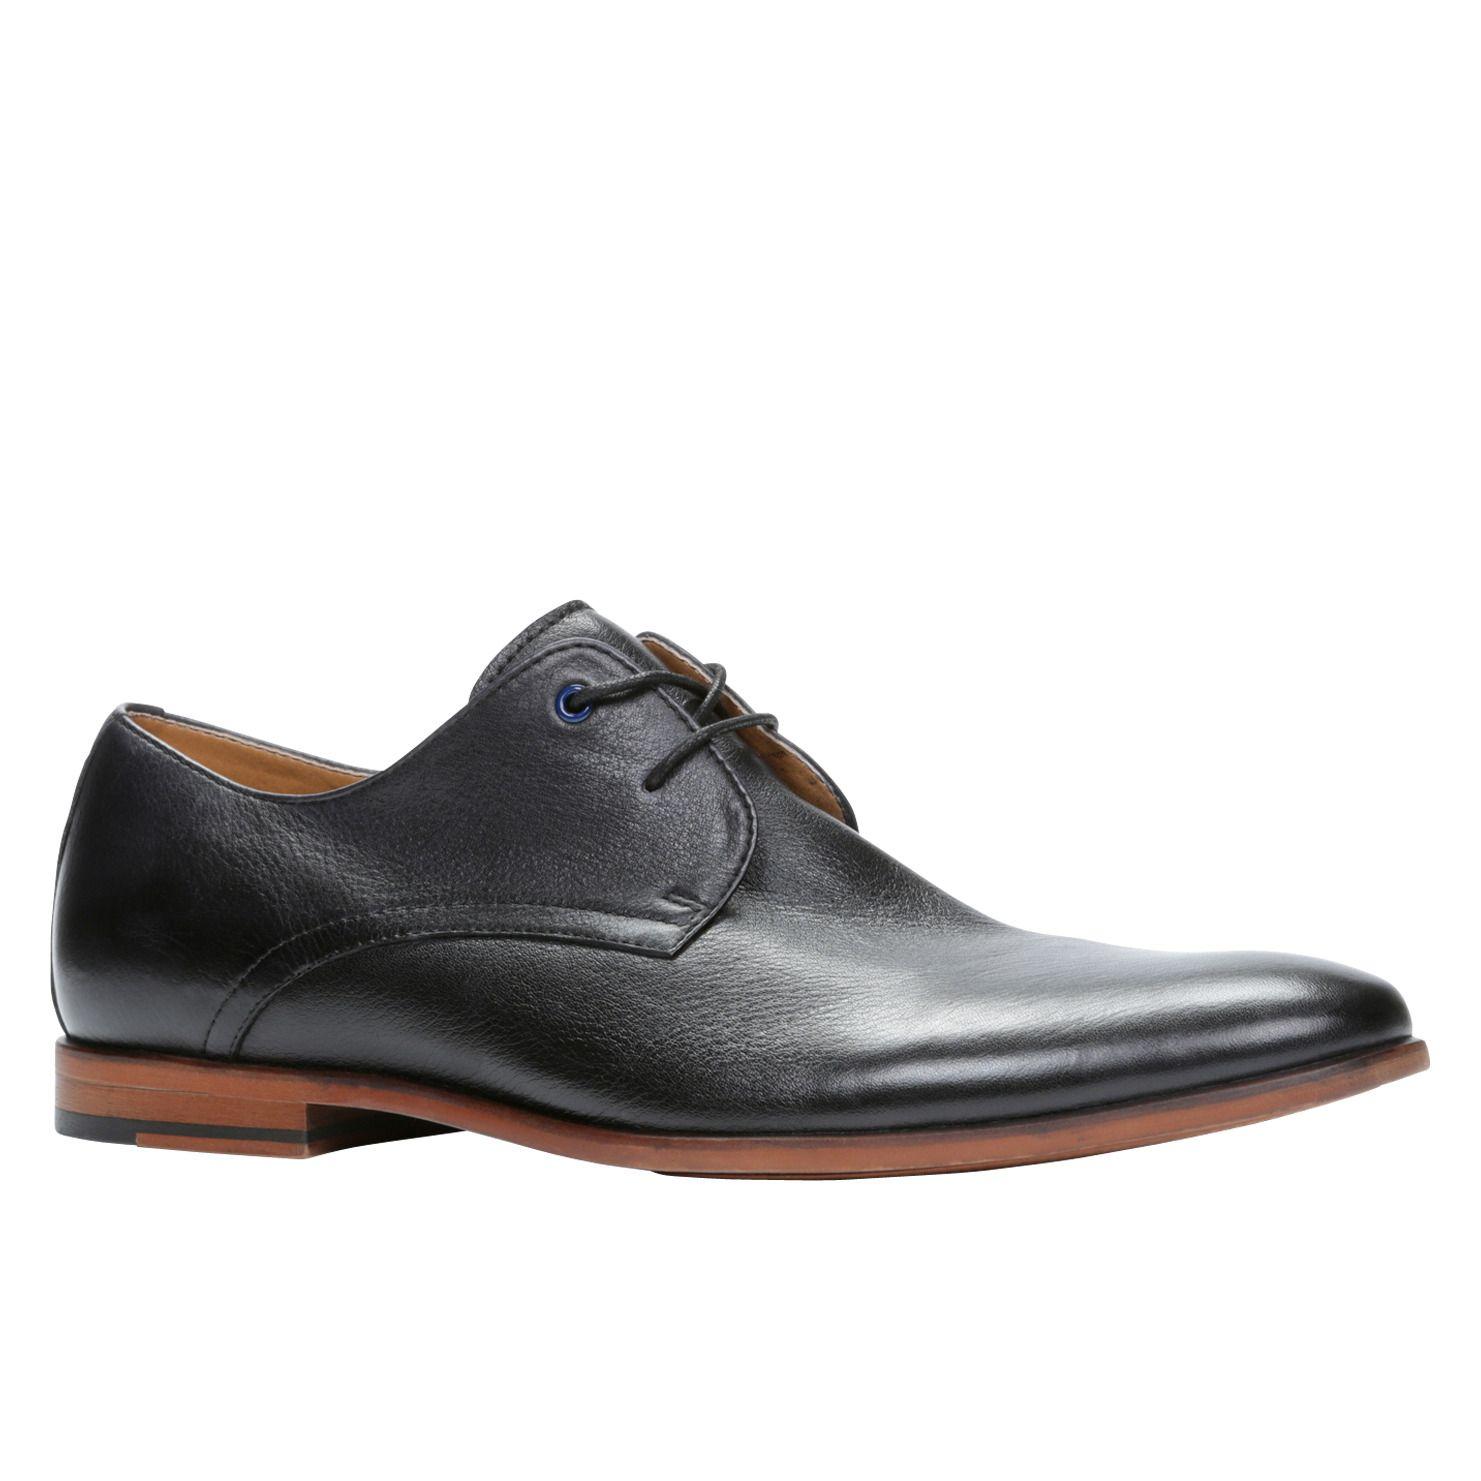 40be72073d4 ANDREWS - men s dress lace-ups shoes for sale at ALDO Shoes ...